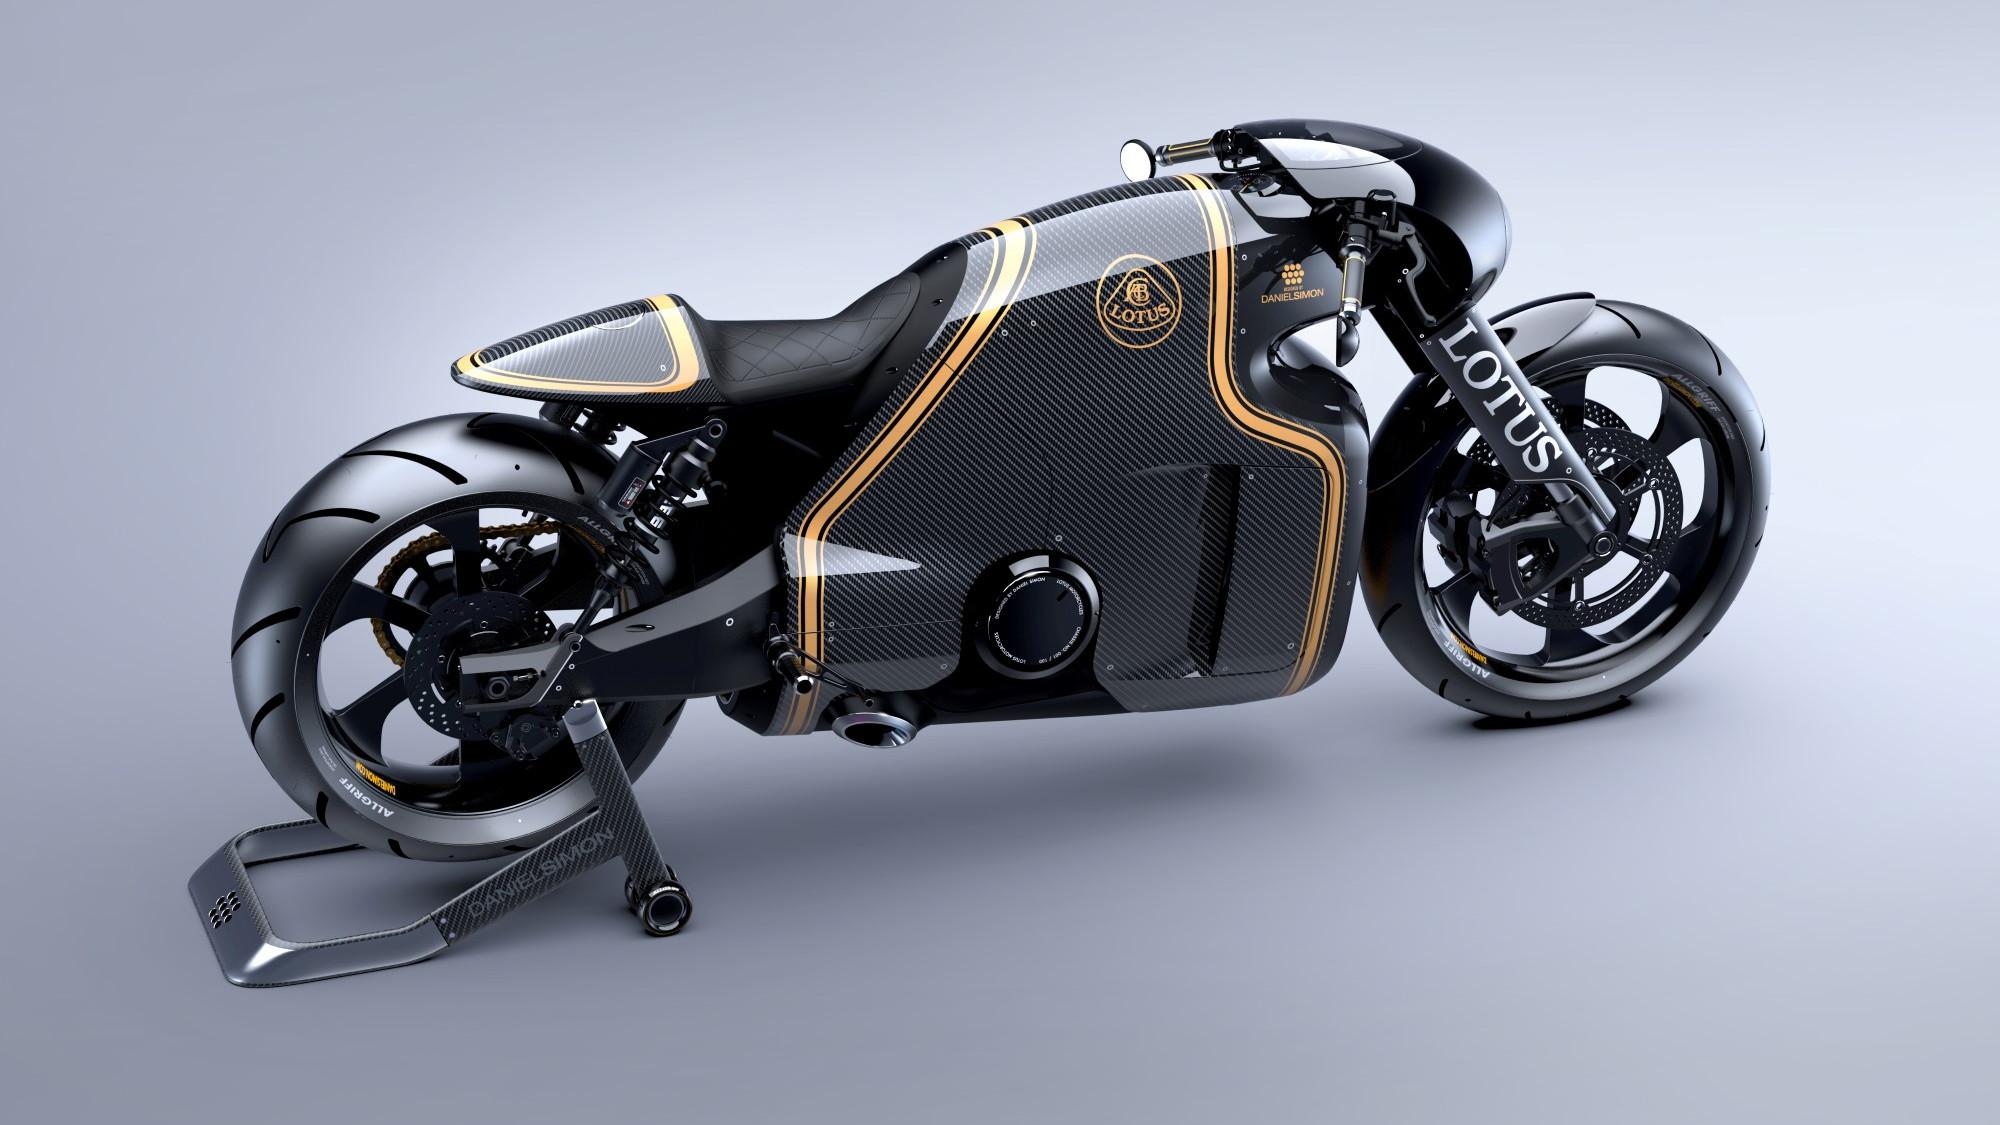 Lotus C-01 superbike